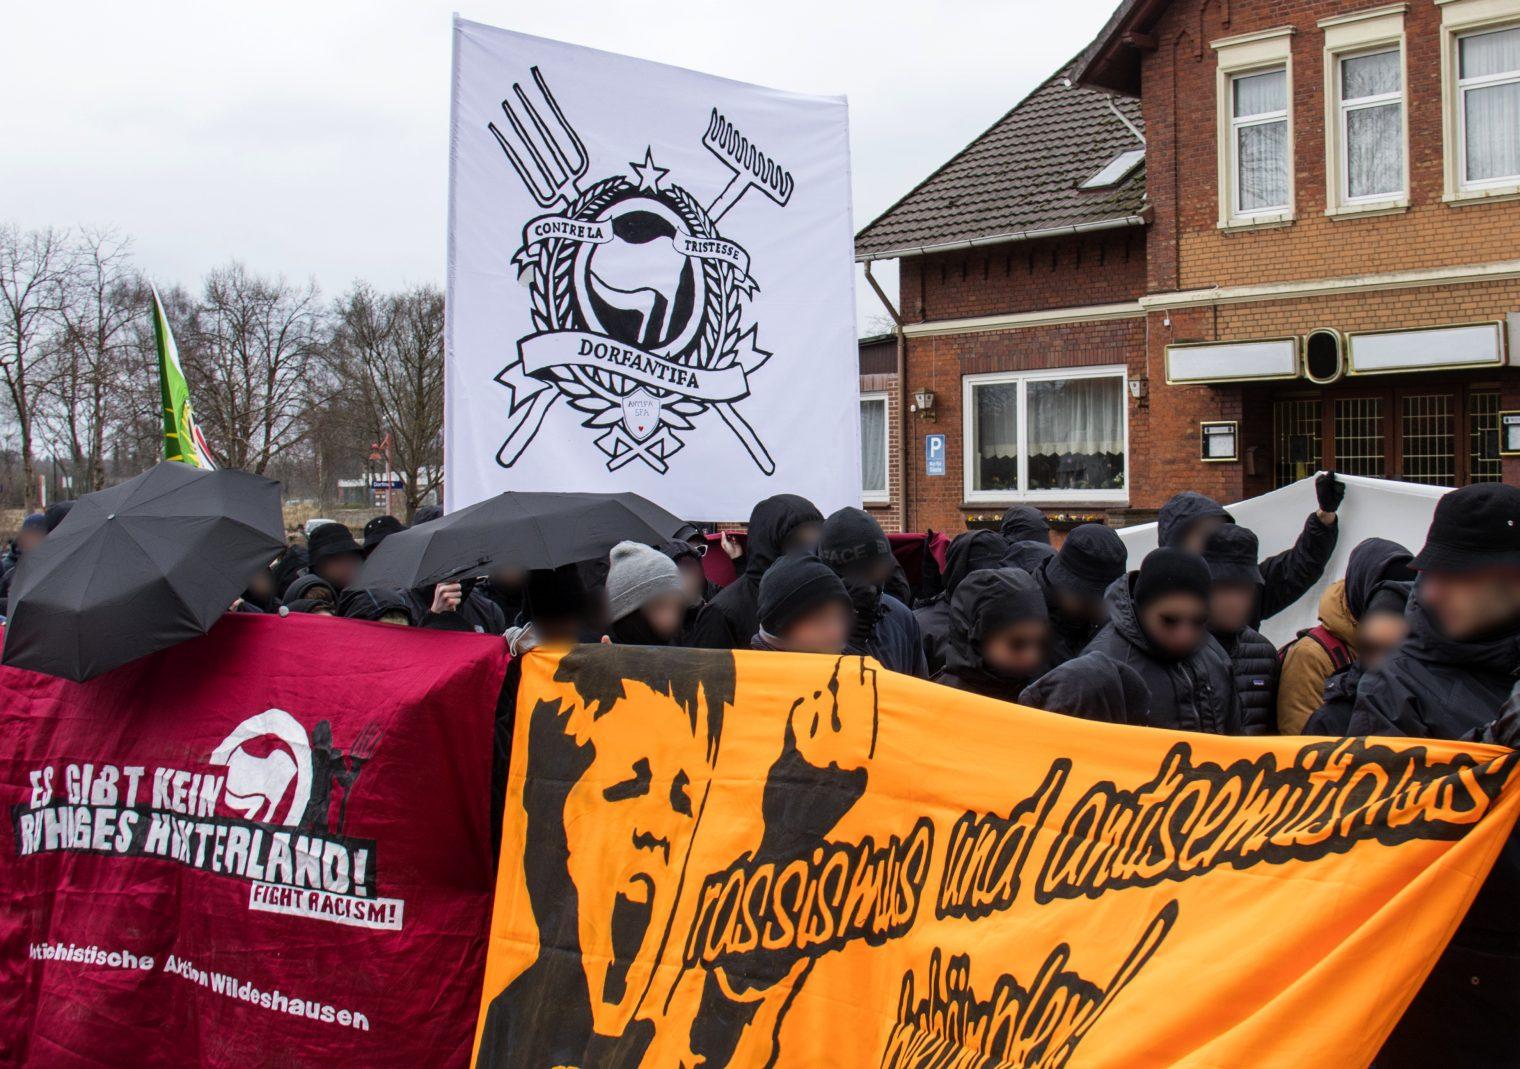 Dorfantifa-Demonstrationszug vor einer Gaststätte.